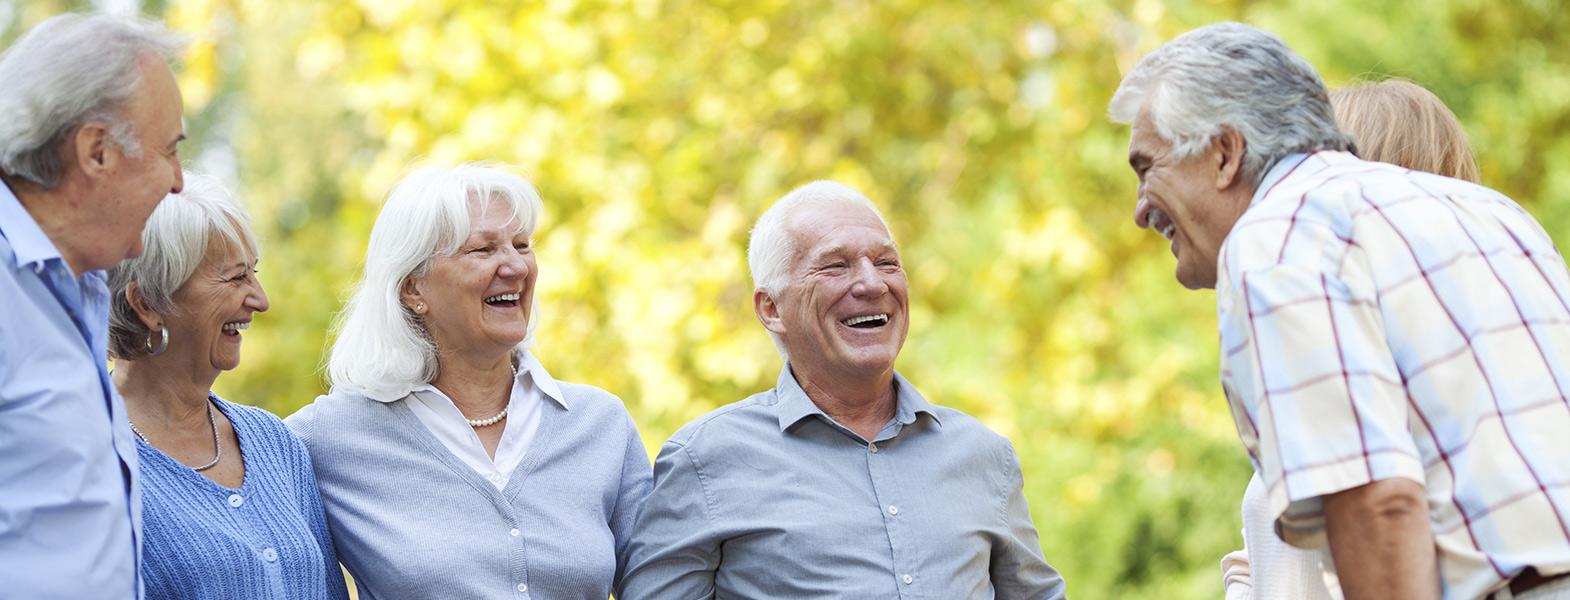 RE-STARE BENE INSIEME: socializzazione e benessere